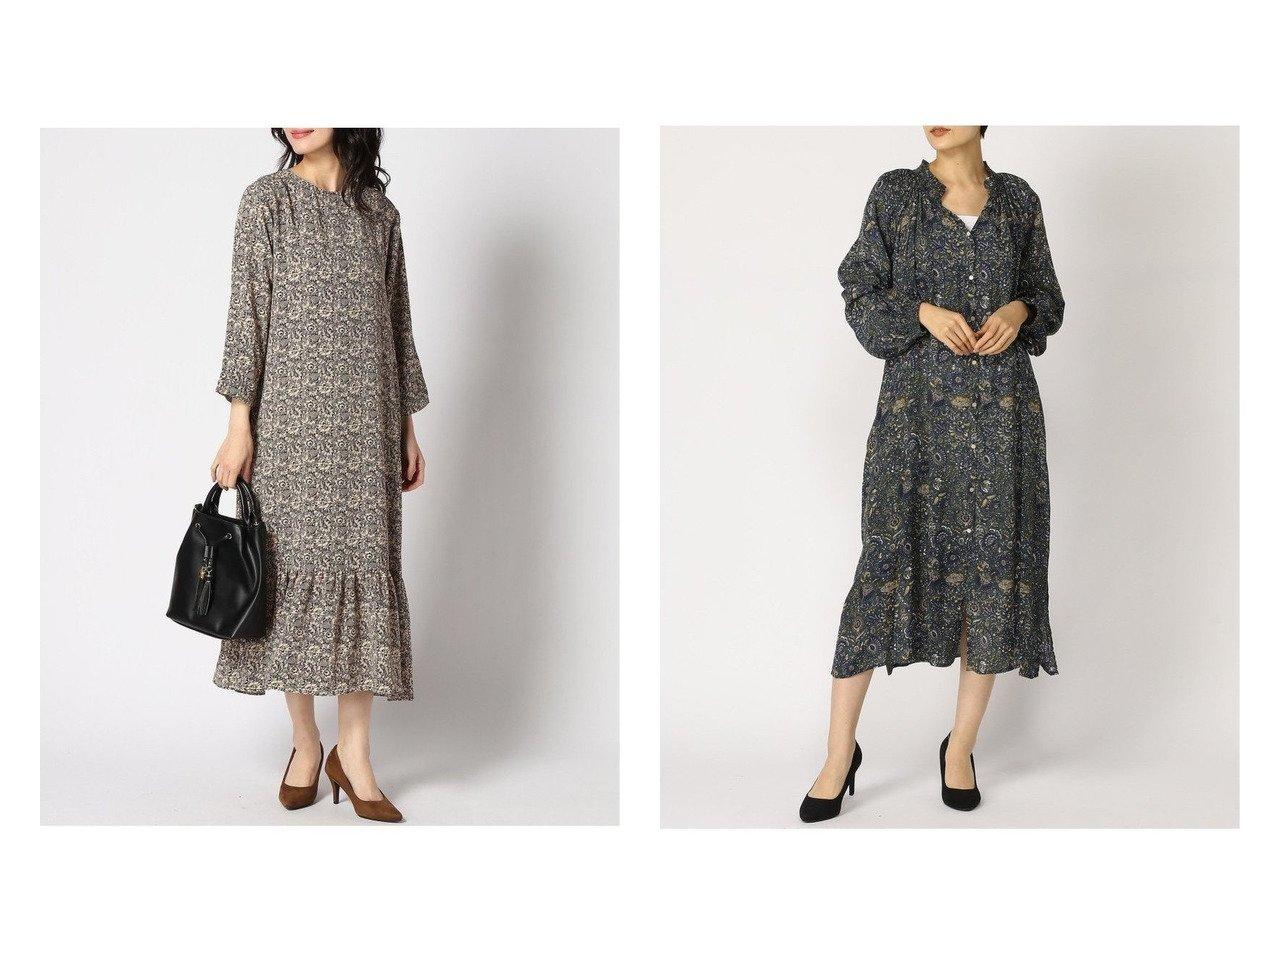 【JOURNAL STANDARD relume/ジャーナルスタンダード レリューム】のシャーリングギャザー LONG OP&ガラギャザーキリカエOP ワンピース・ドレスのおすすめ!人気、トレンド・レディースファッションの通販  おすすめで人気の流行・トレンド、ファッションの通販商品 メンズファッション・キッズファッション・インテリア・家具・レディースファッション・服の通販 founy(ファニー) https://founy.com/ ファッション Fashion レディースファッション WOMEN ワンピース Dress NEW・新作・新着・新入荷 New Arrivals 2020年 2020 2020-2021 秋冬 A/W AW Autumn/Winter / FW Fall-Winter 2020-2021 A/W 秋冬 AW Autumn/Winter / FW Fall-Winter 長袖 |ID:crp329100000010166